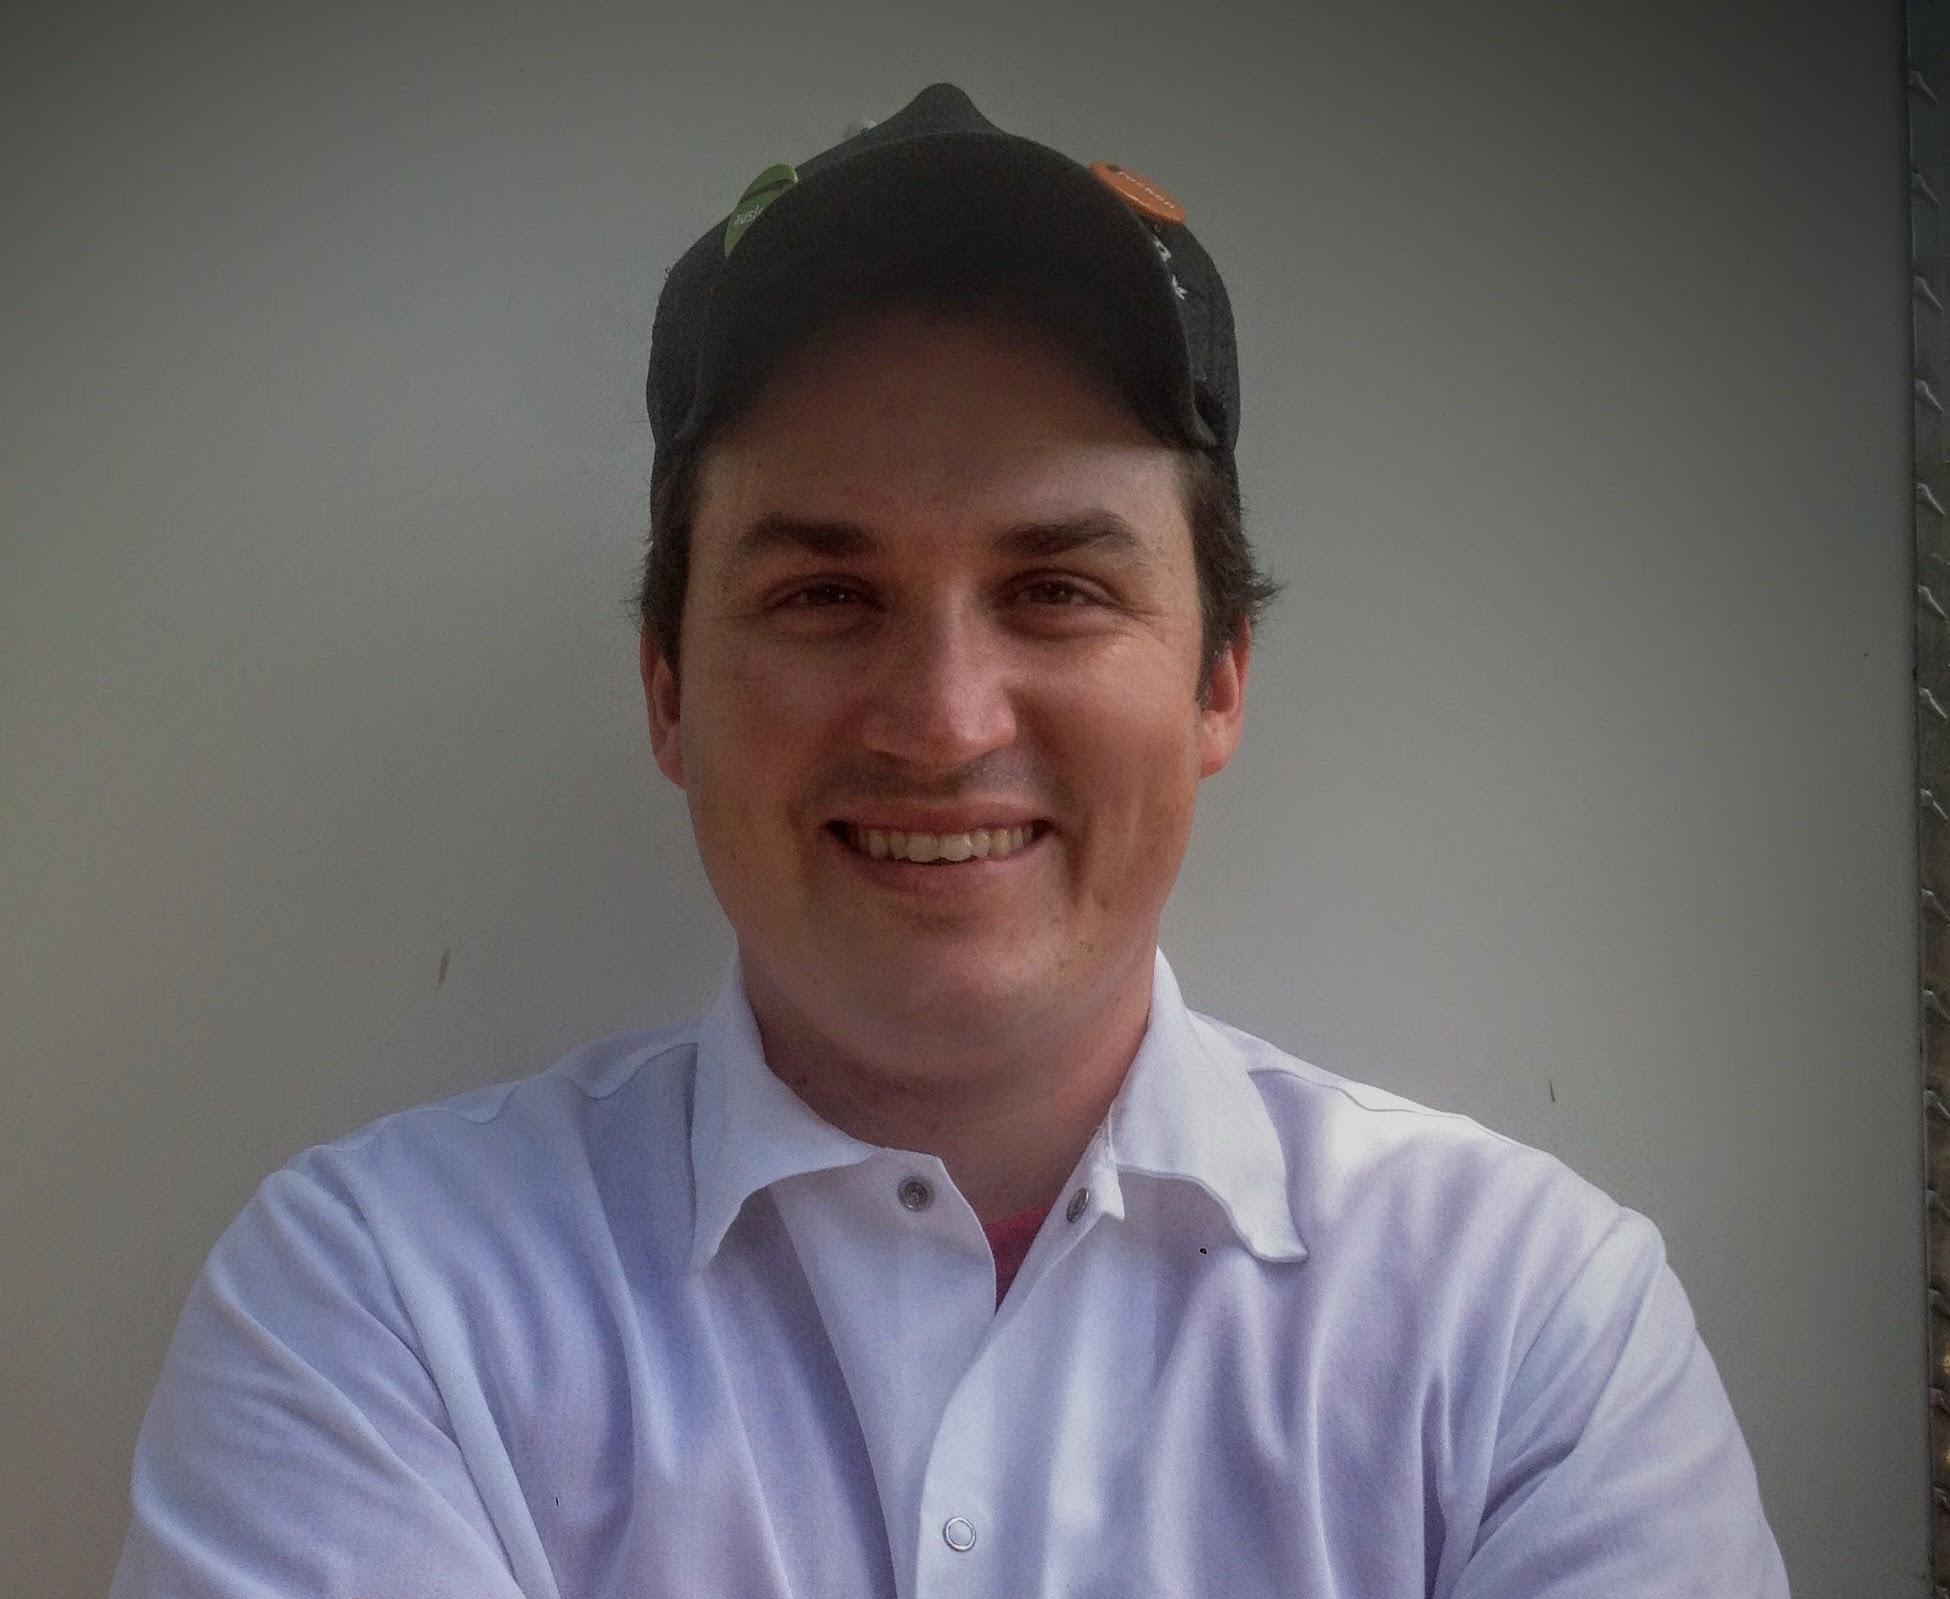 Matt Lester, sous chef at LENOIR